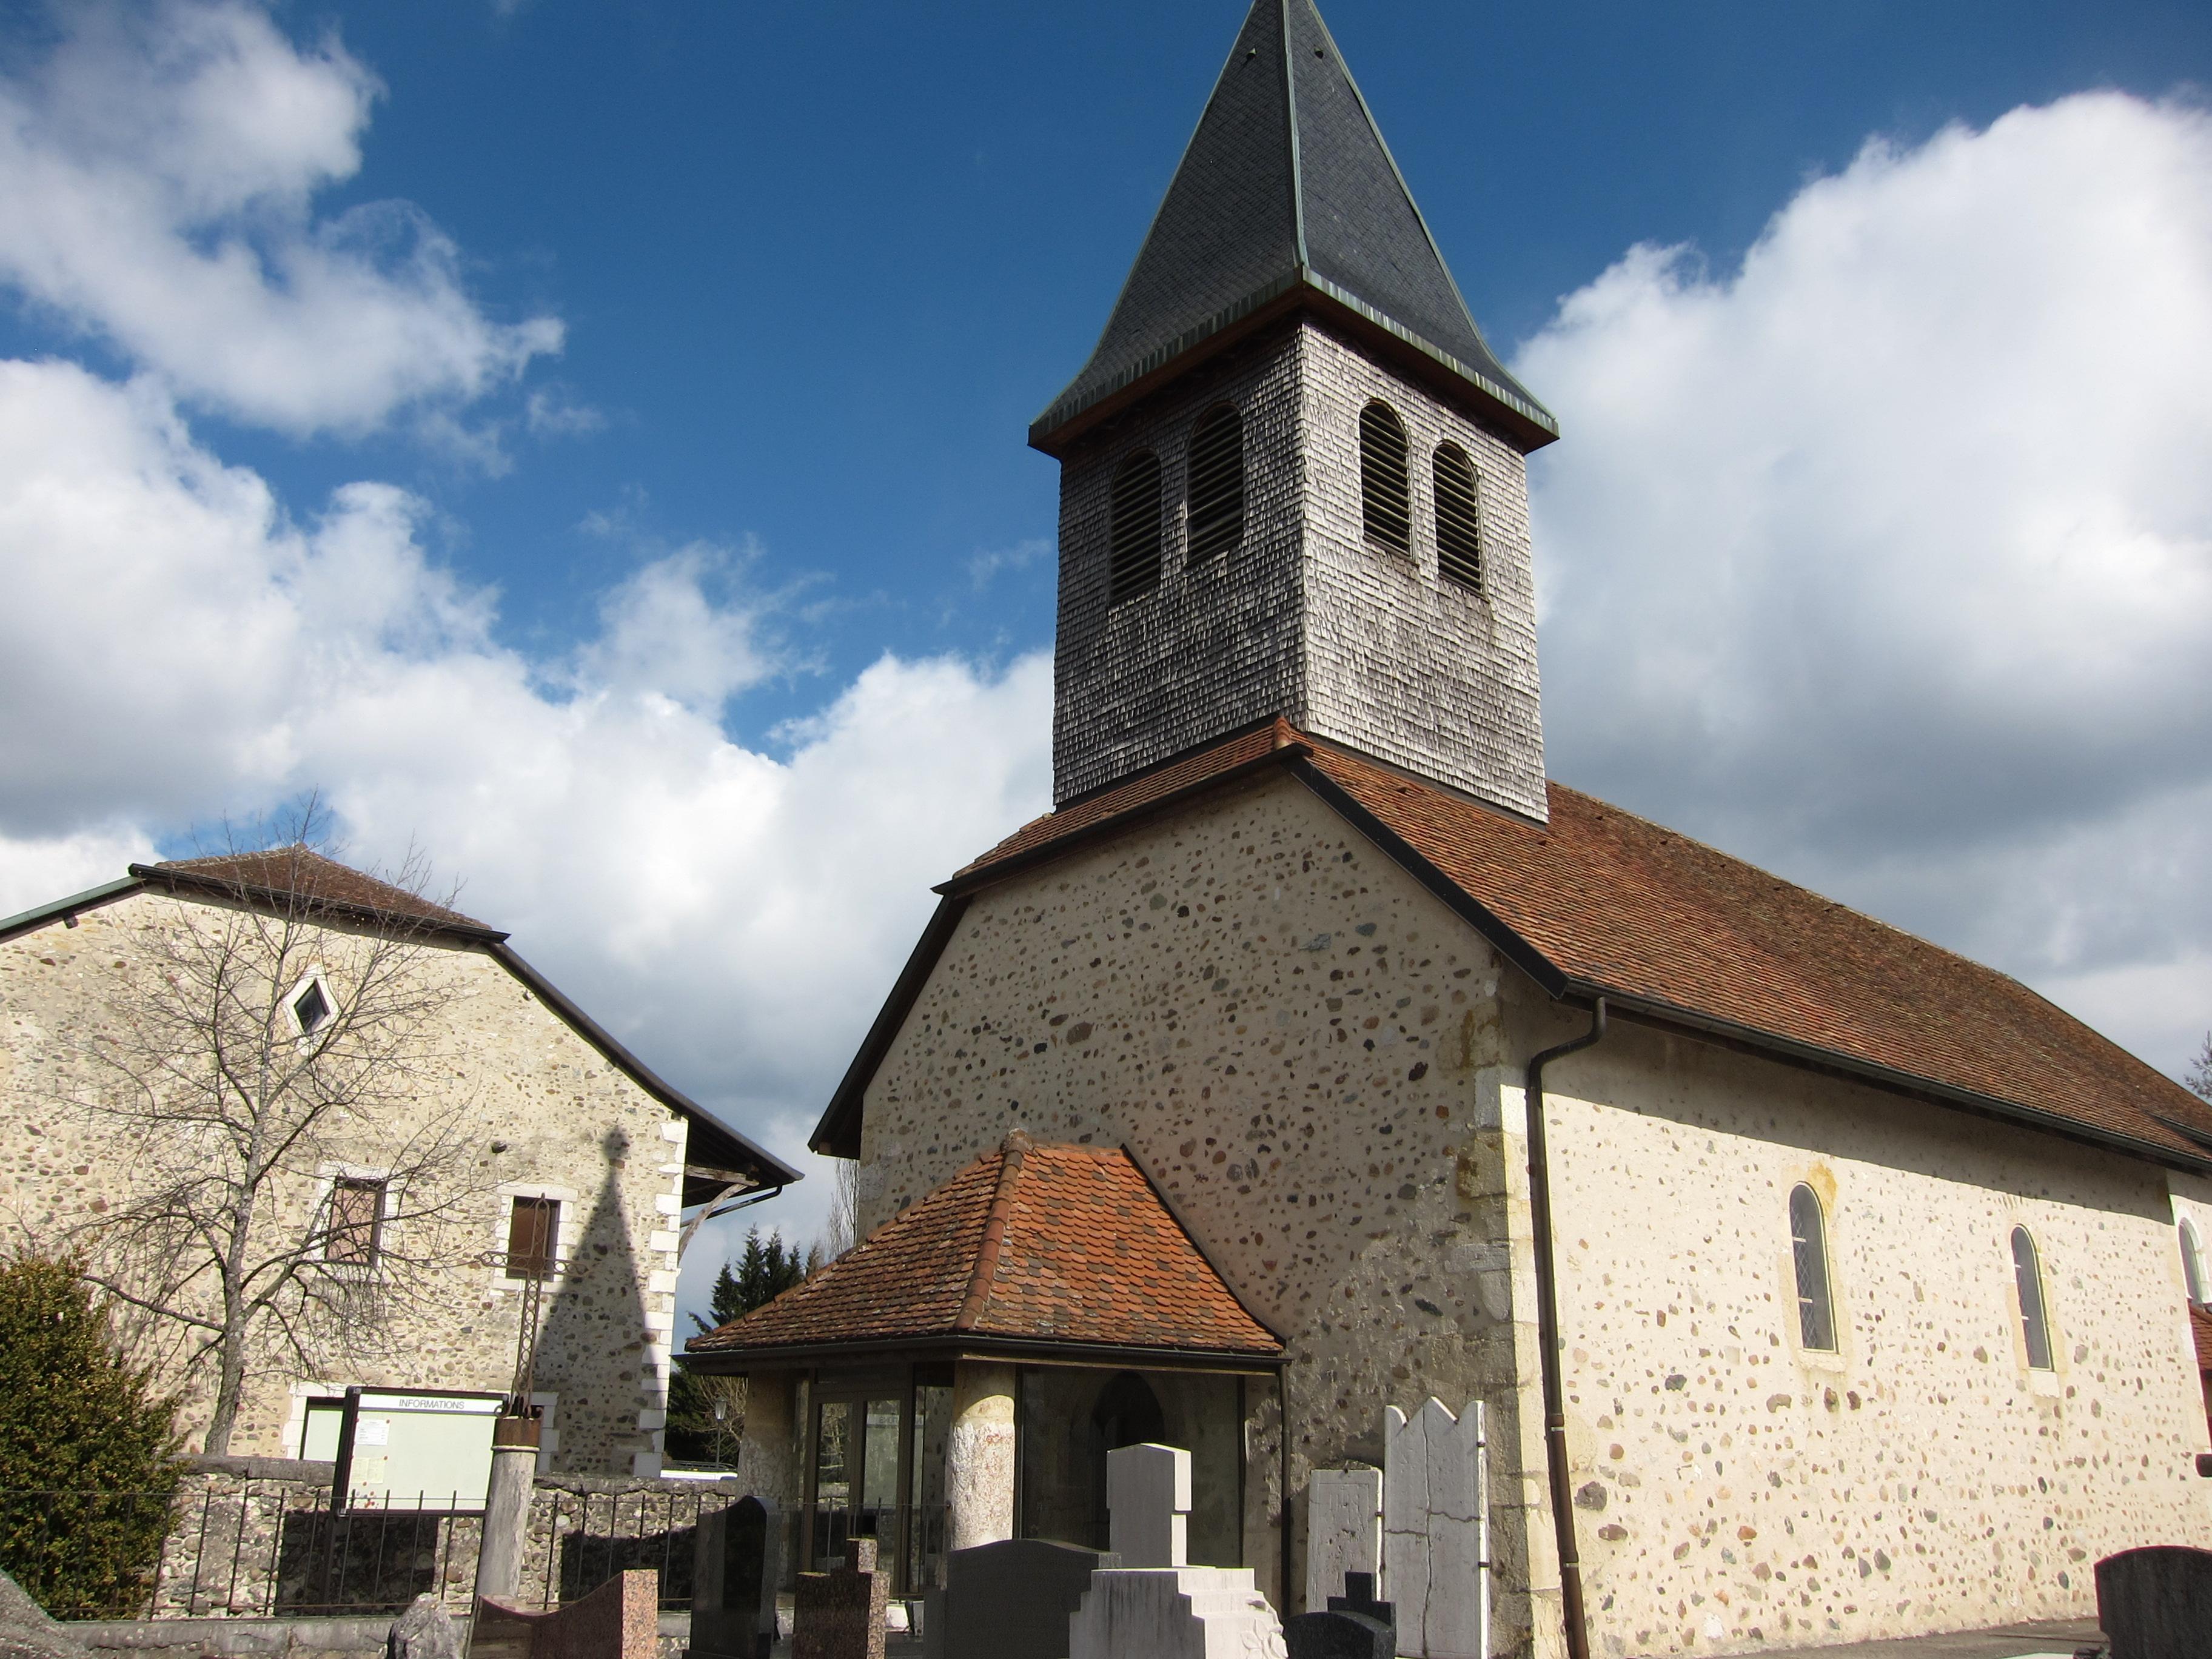 Eglise paroissiale de pr vessin mo ns ch teau de voltaire ferney voltaire - Office du tourisme ferney voltaire ...